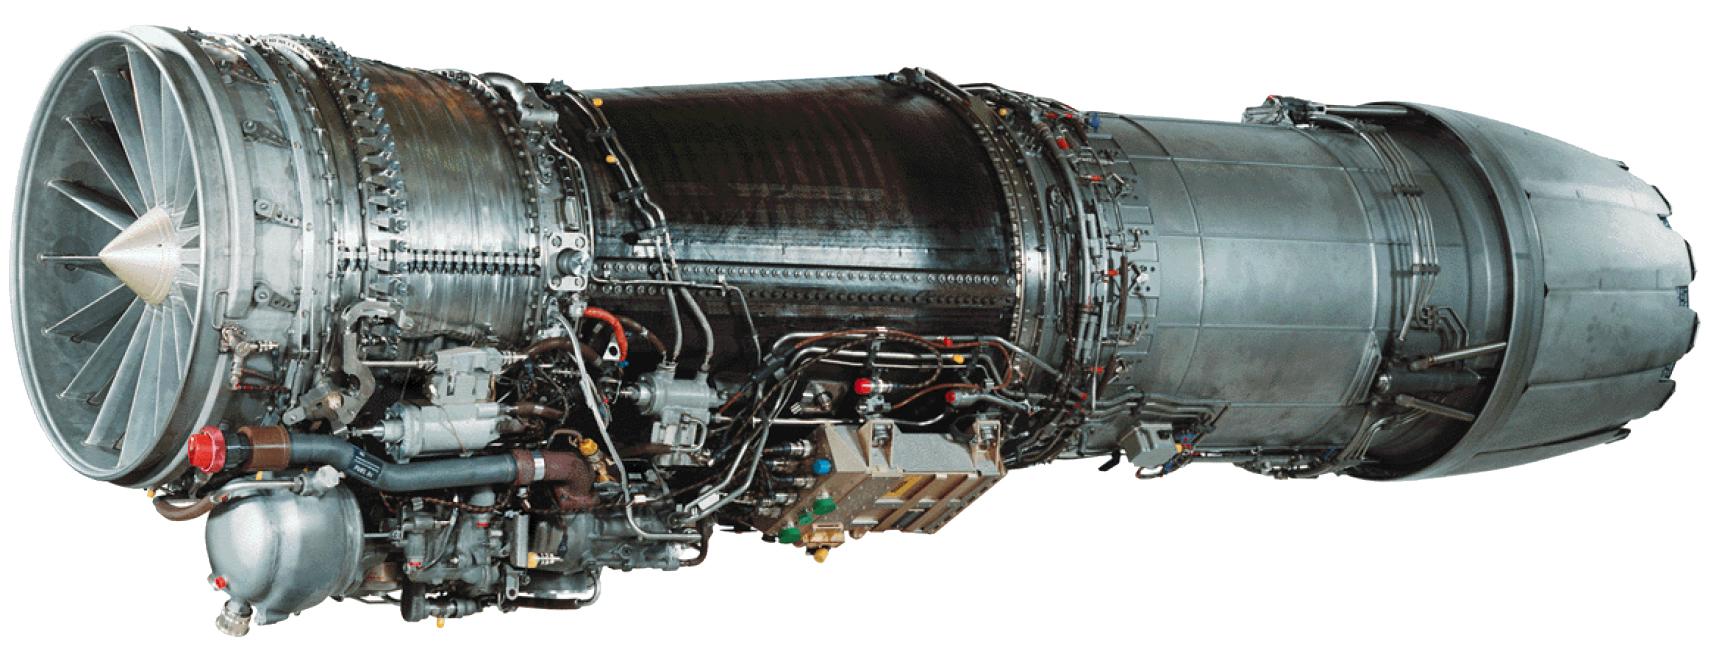 F414, GEAE